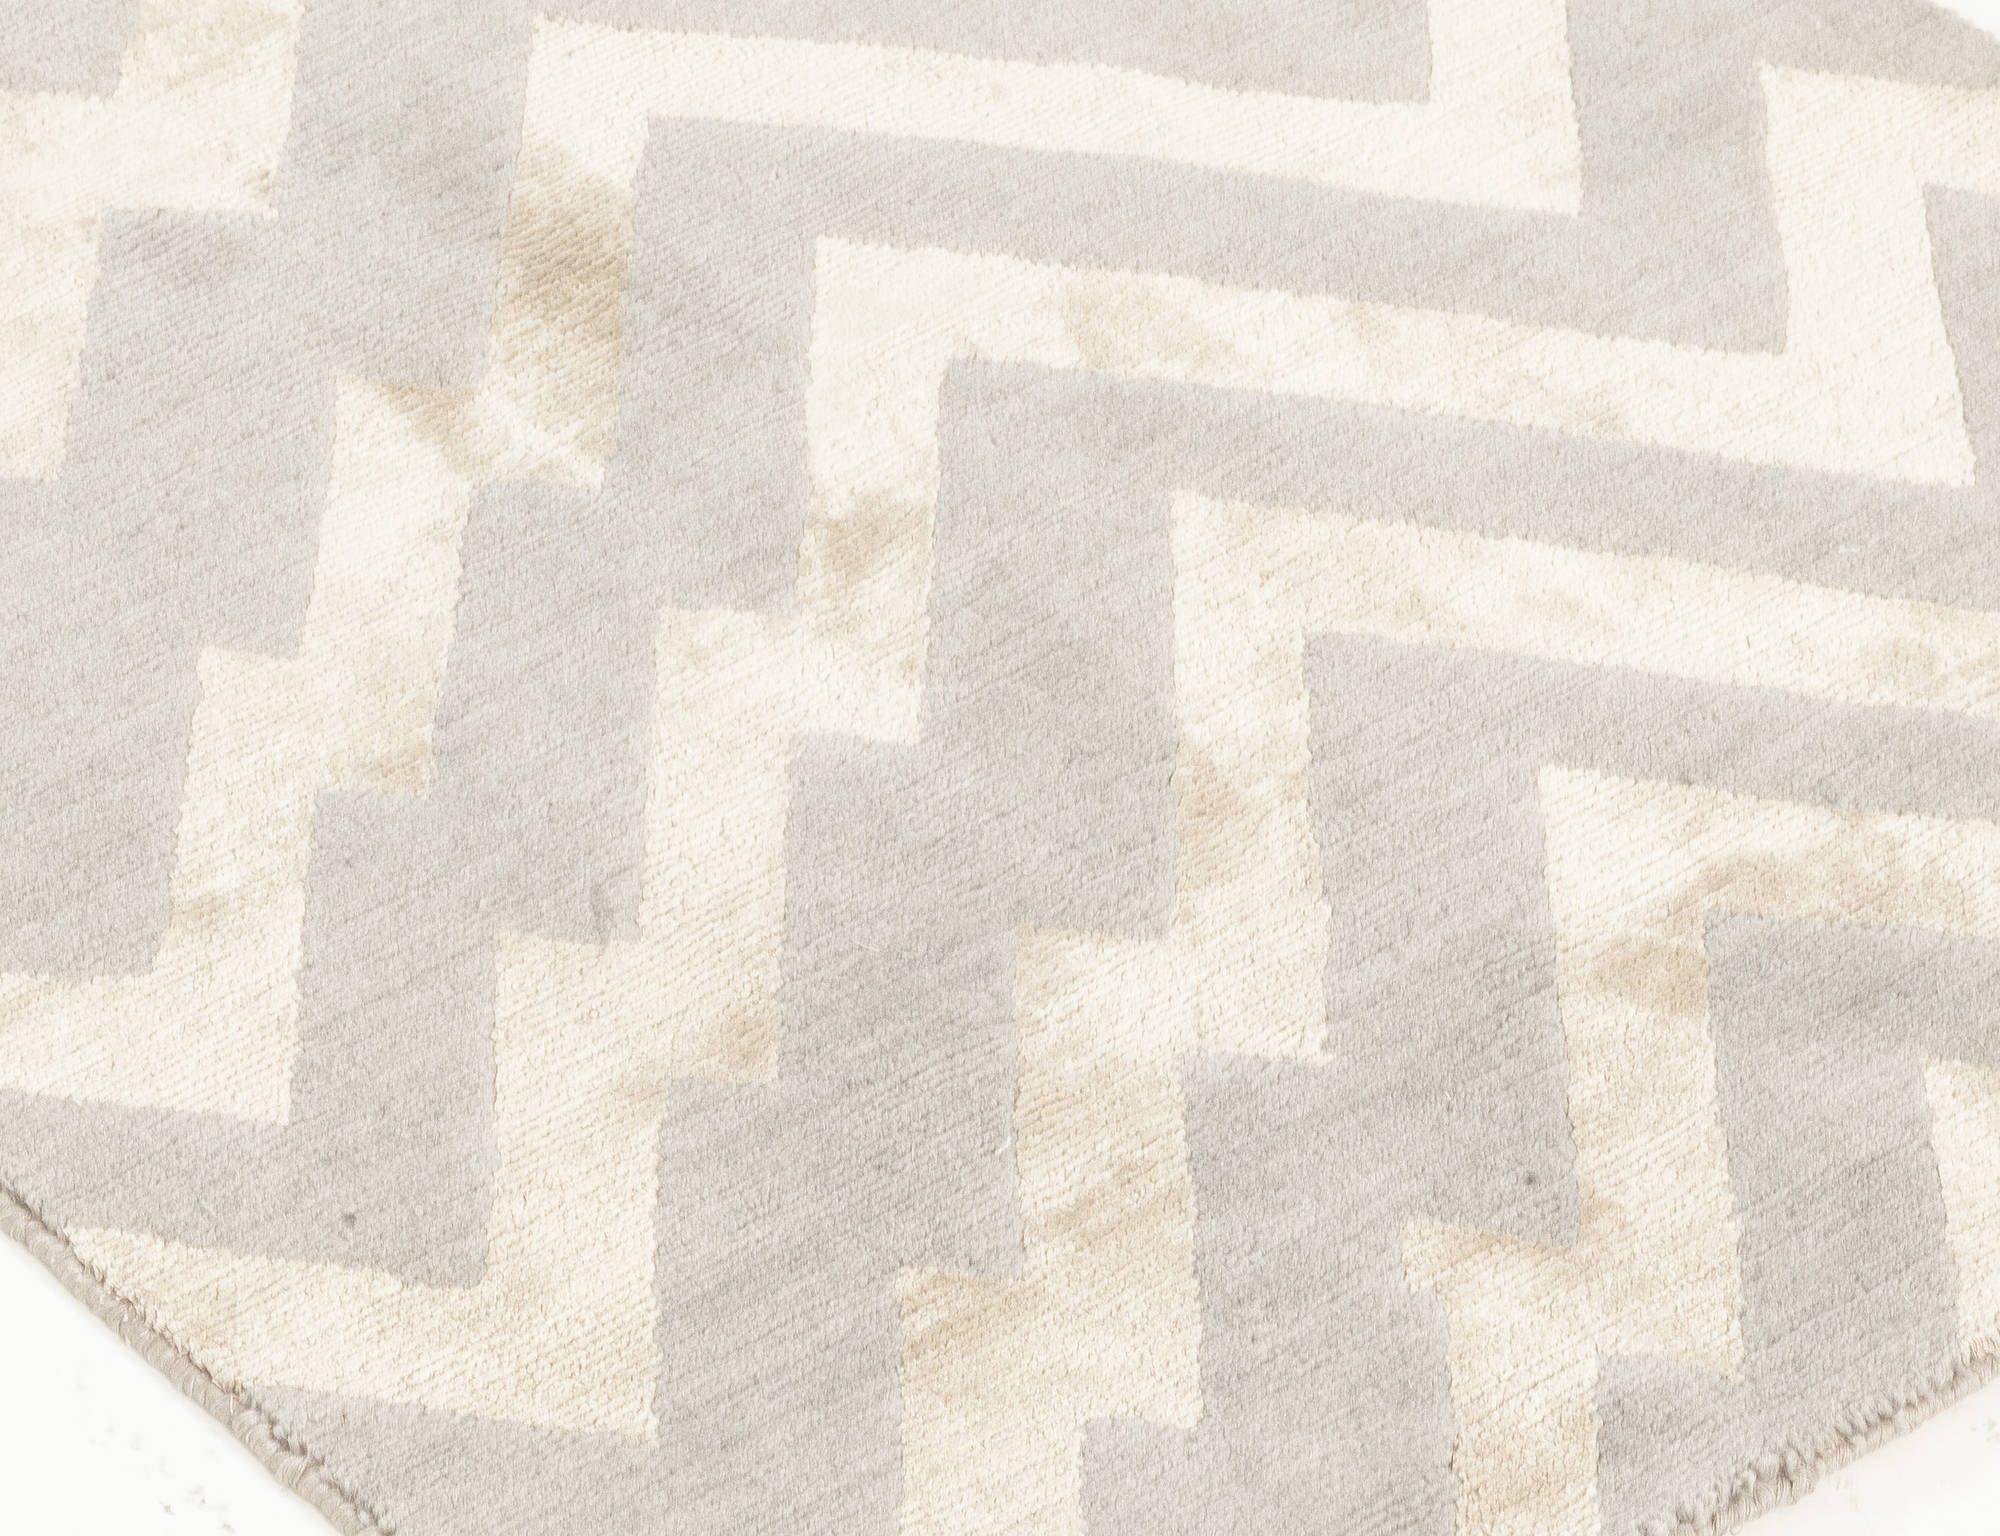 Rocky Peaks Rug in Gray and Beige Geometric Design of Silk and Wool N12065